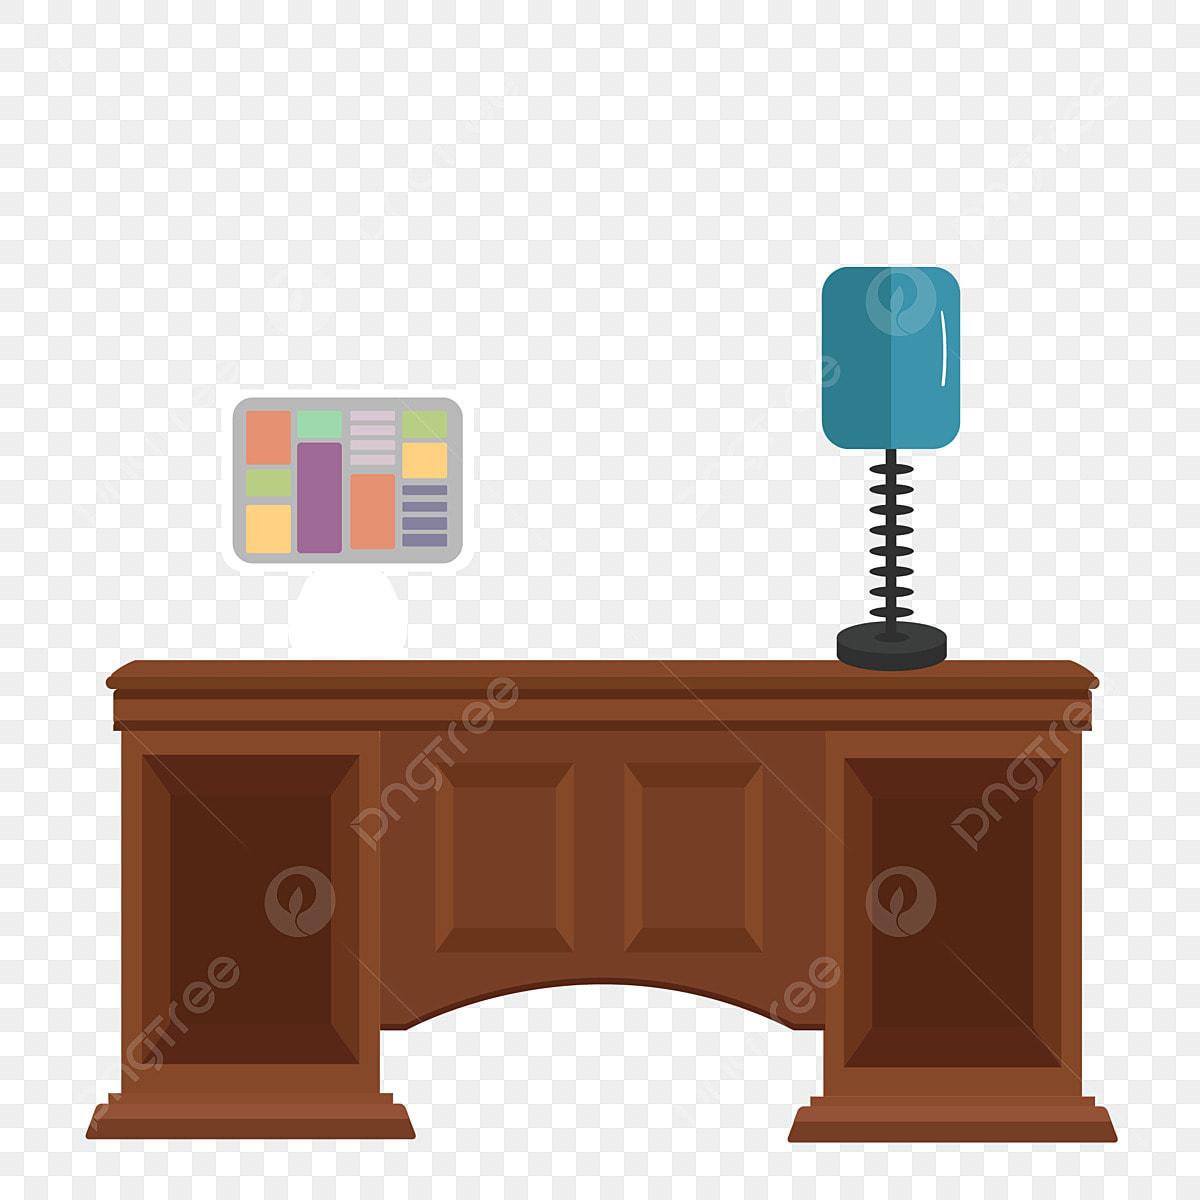 مكتب بني طاولة خشبية طاولة مكتب طاولة التعلم طاولة خشبية مكتب